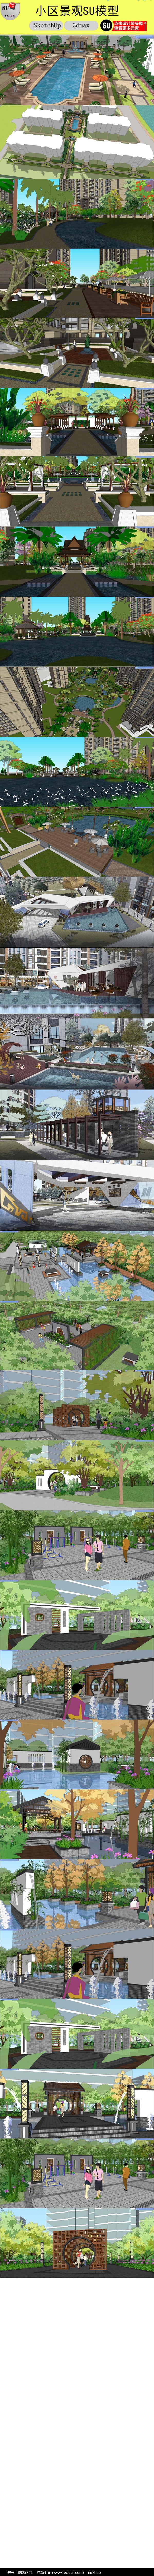 小区景观规划SU模型图片